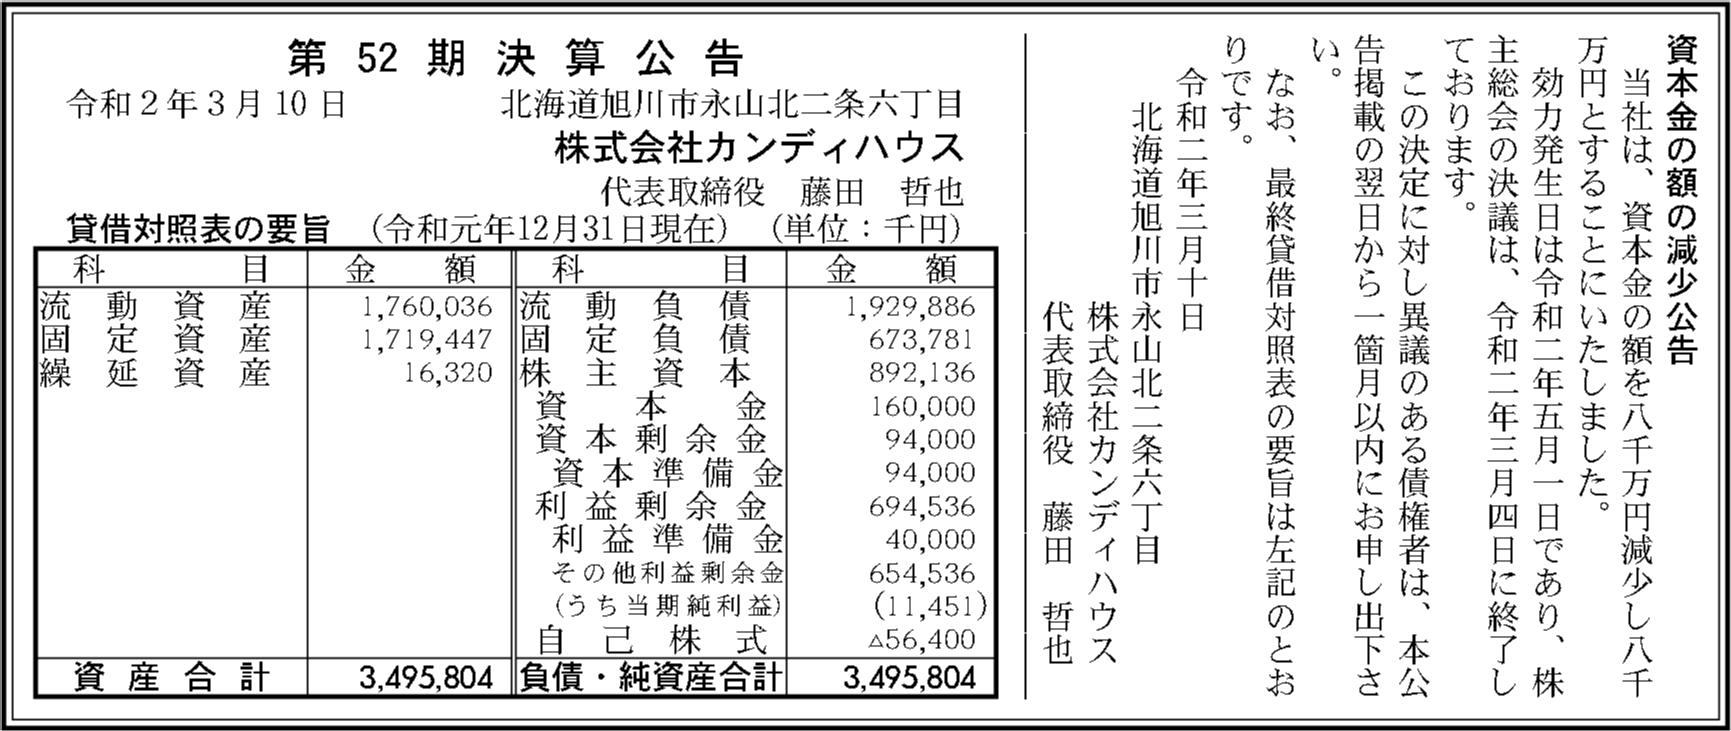 0124 adb67a5556d53a0cd9ee8561d2b4160a819e056898f2701043af8dfb649d566023193ad3e34c5949cb52c26e96621f86d1d3033f5cc16d2edf0d82054ab072d3 05